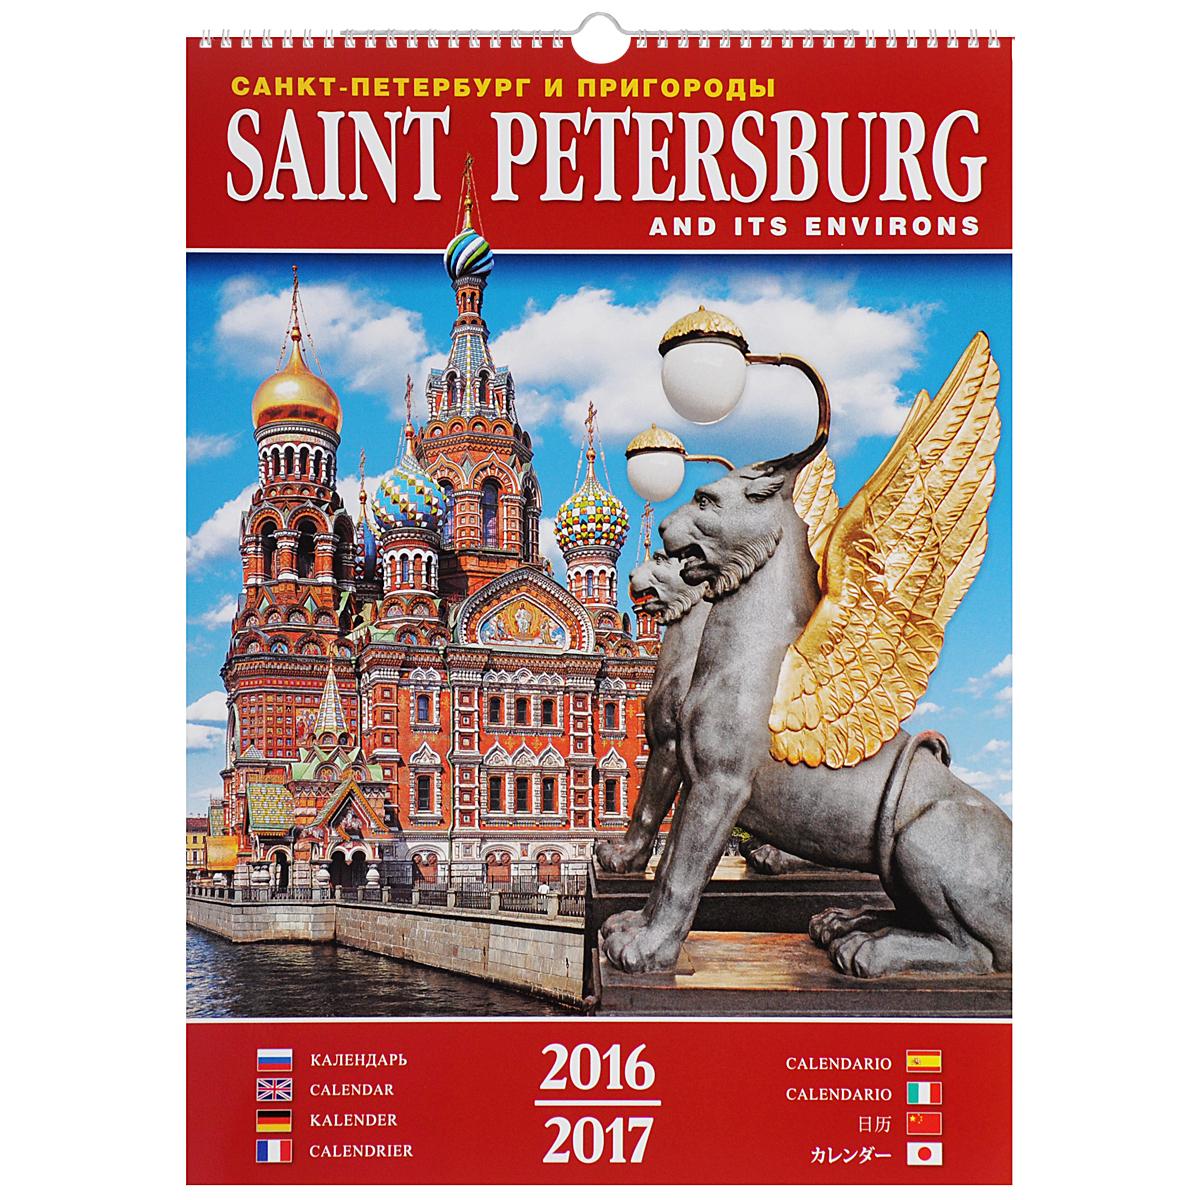 Календарь 2016-2017 (на спирали). Санкт-Петербург и пригороды / Saint Petersburg and Its Environs